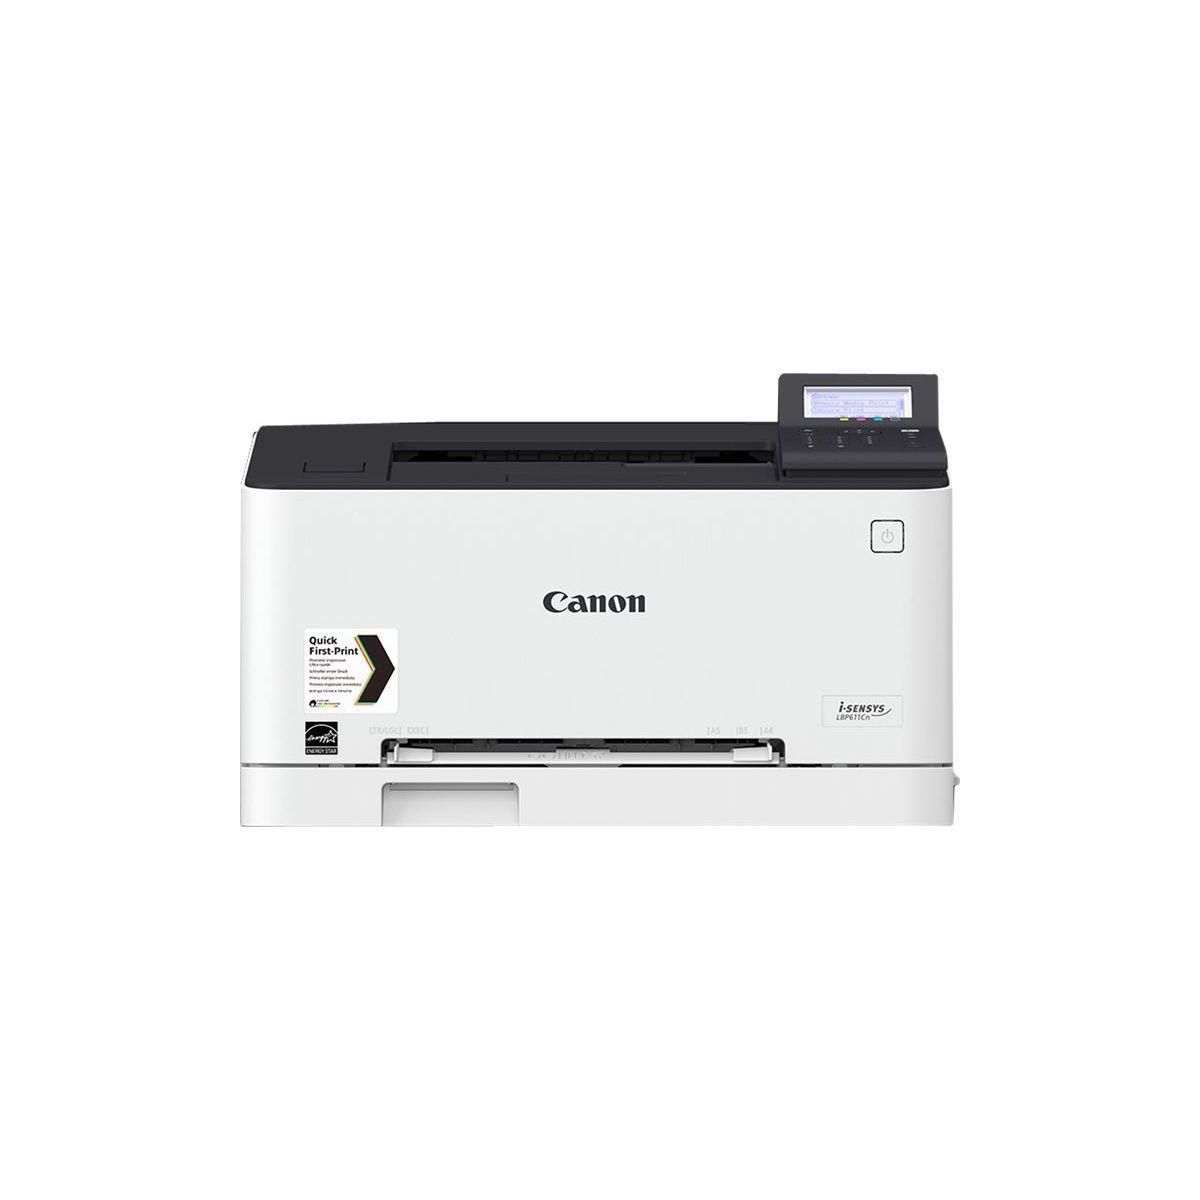 Imprimante canon i-sensys lbp611cn - 15% de remise imm?diate avec le code : black15